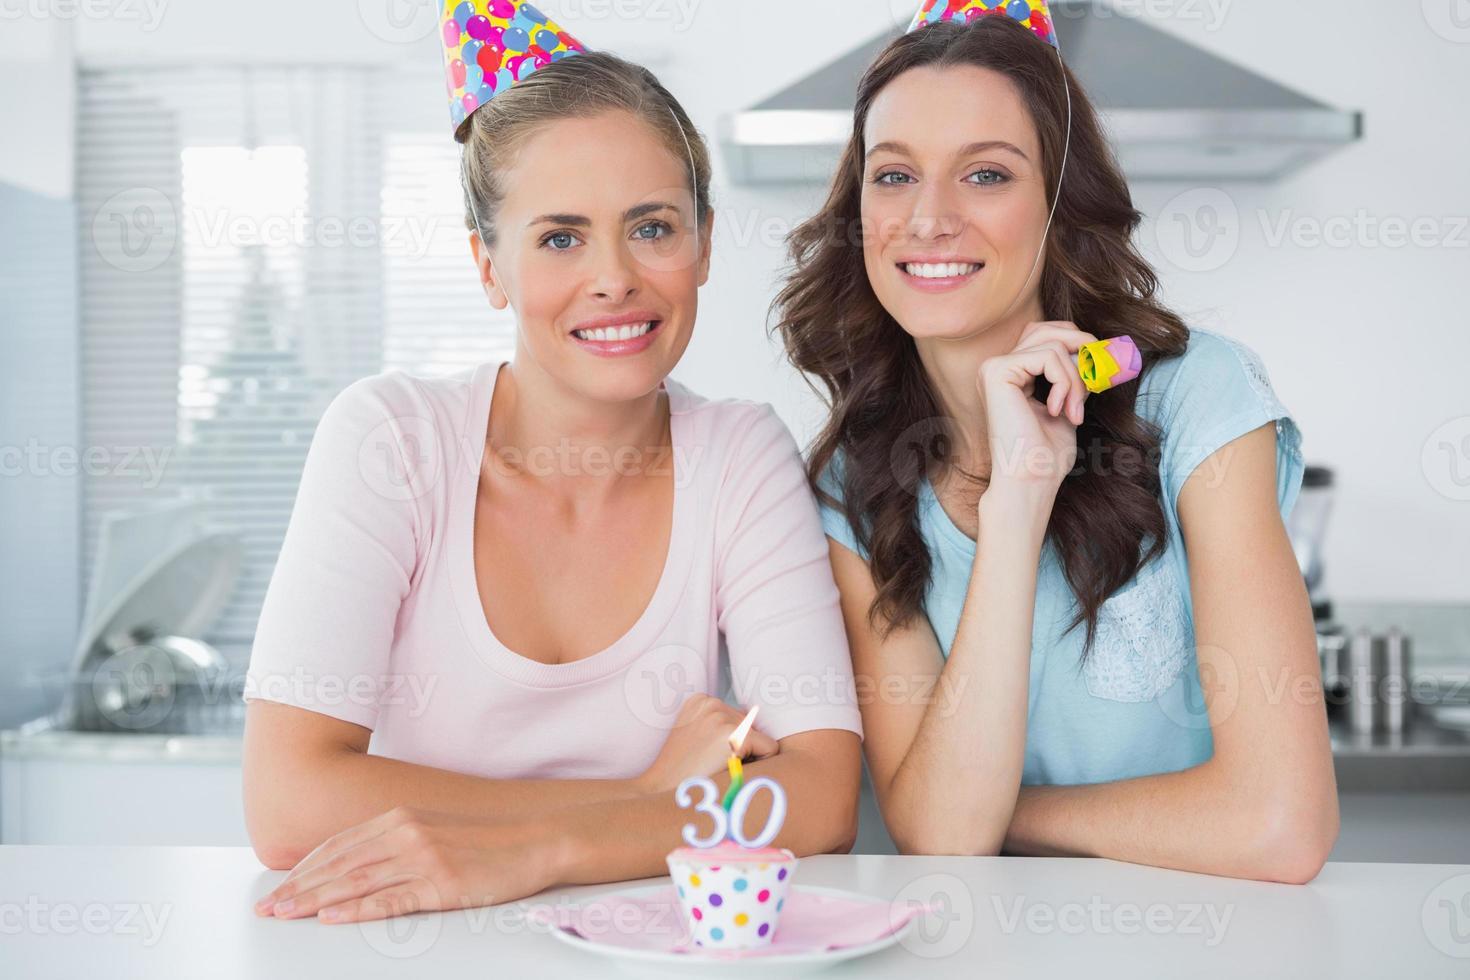 mulheres lindas comemorando aniversário foto